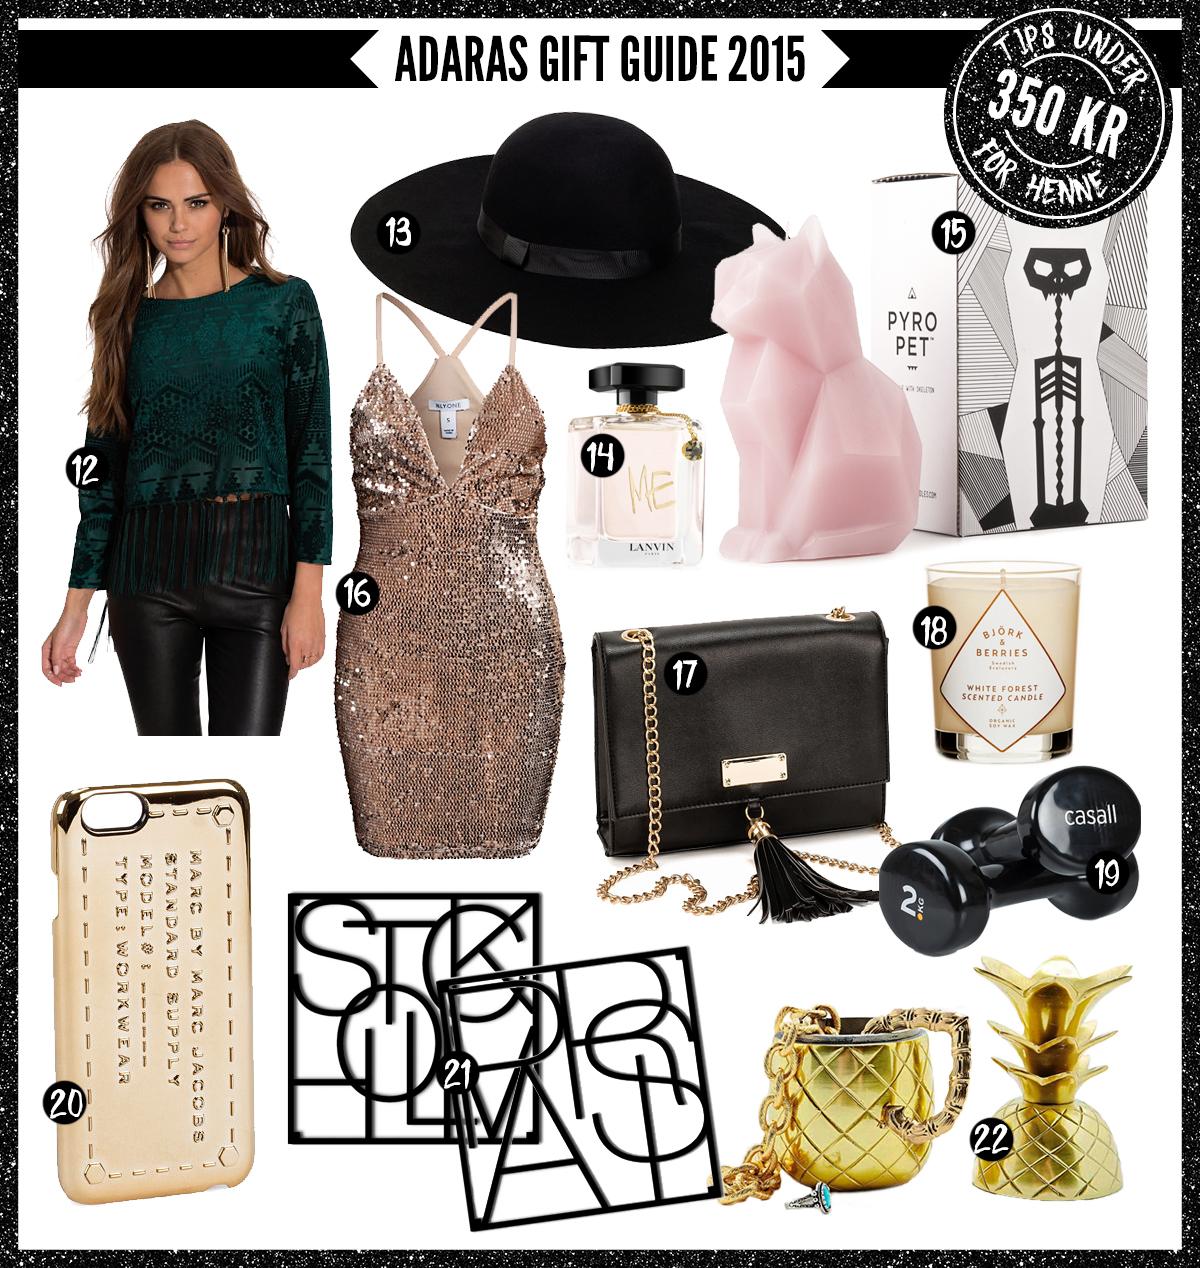 Adaras Gift Guide 2015 -Julklappstips till henne - under 350 kronor